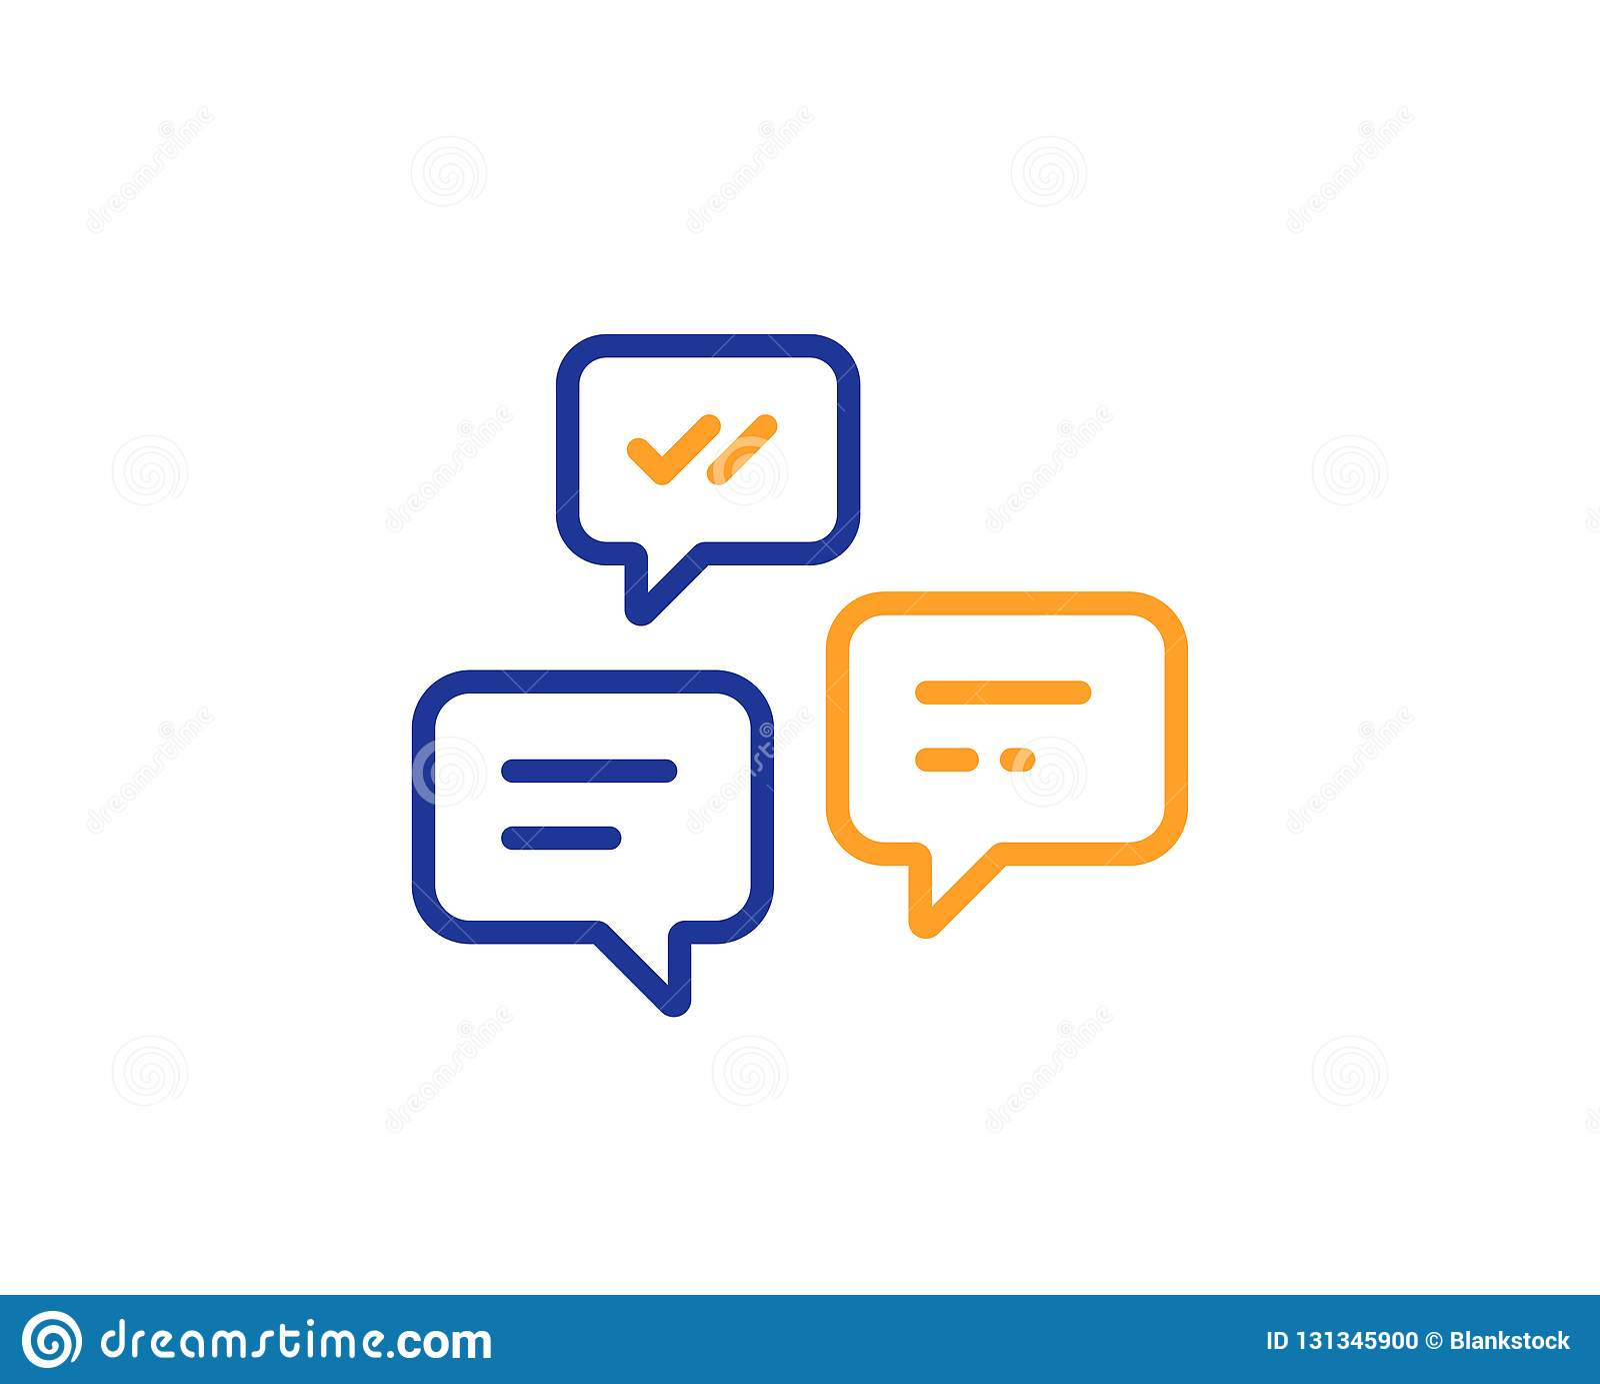 Linha de mensagens ícone do bate-papo Conversação ou SMS Vetor